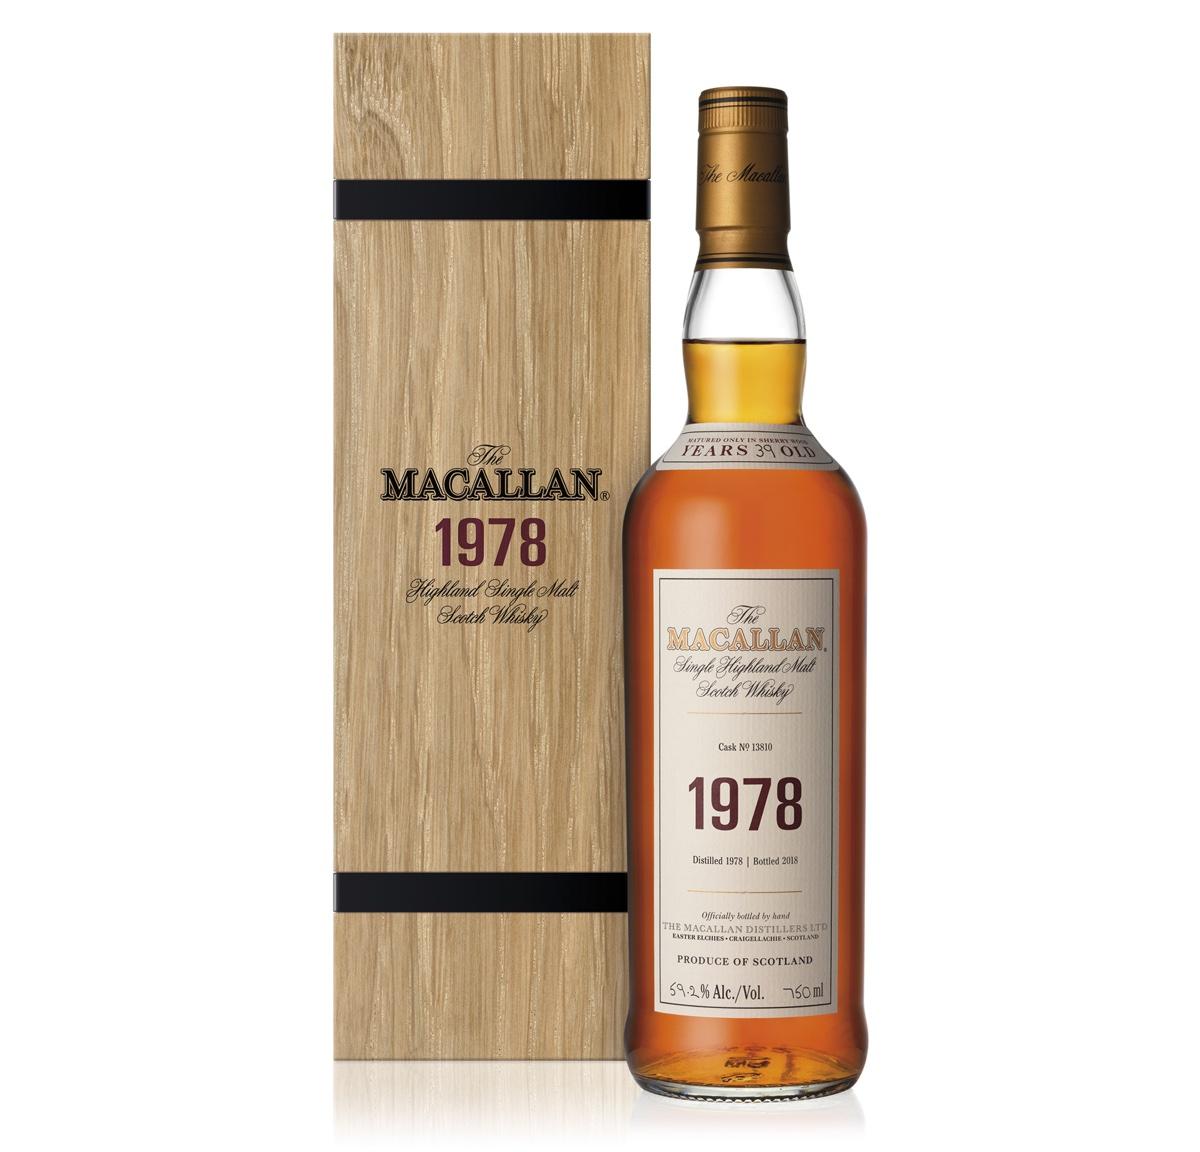 Macallan-Fine-and-rare-1978.